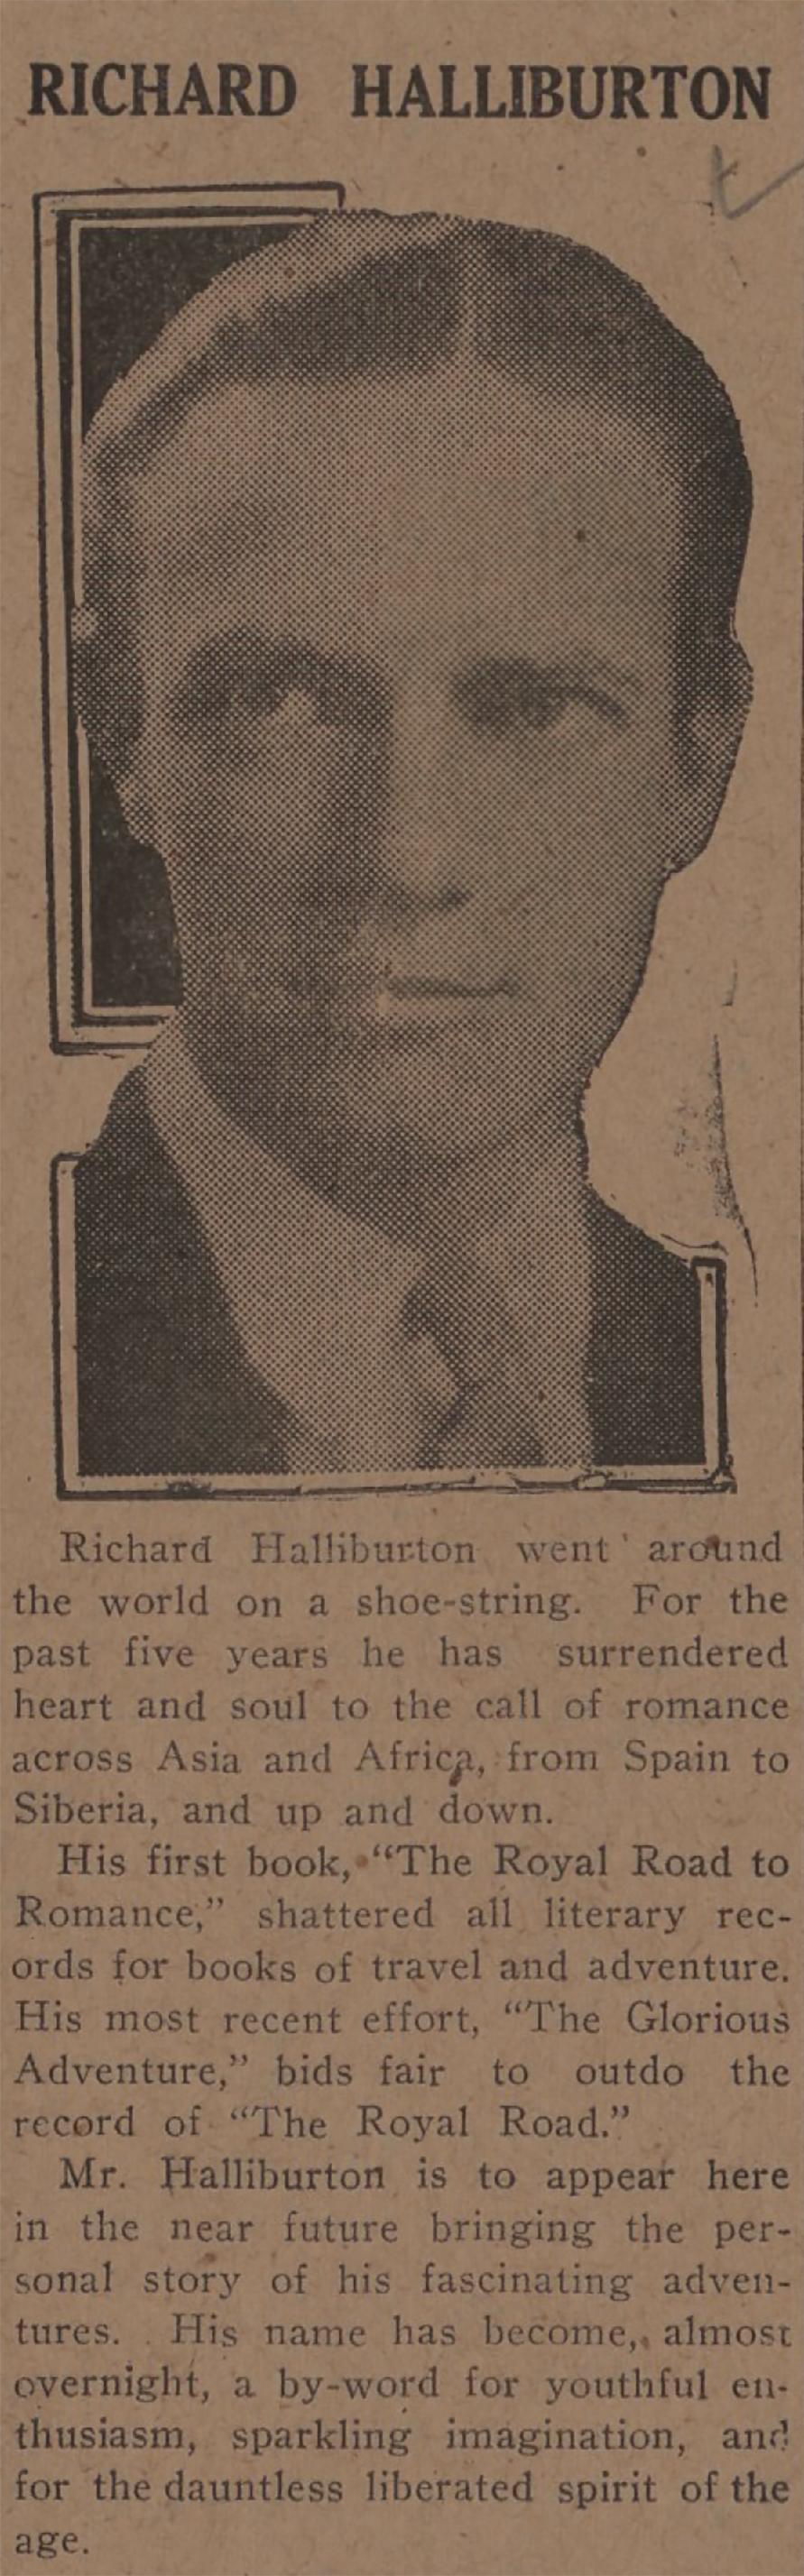 Lariat February 15 1929